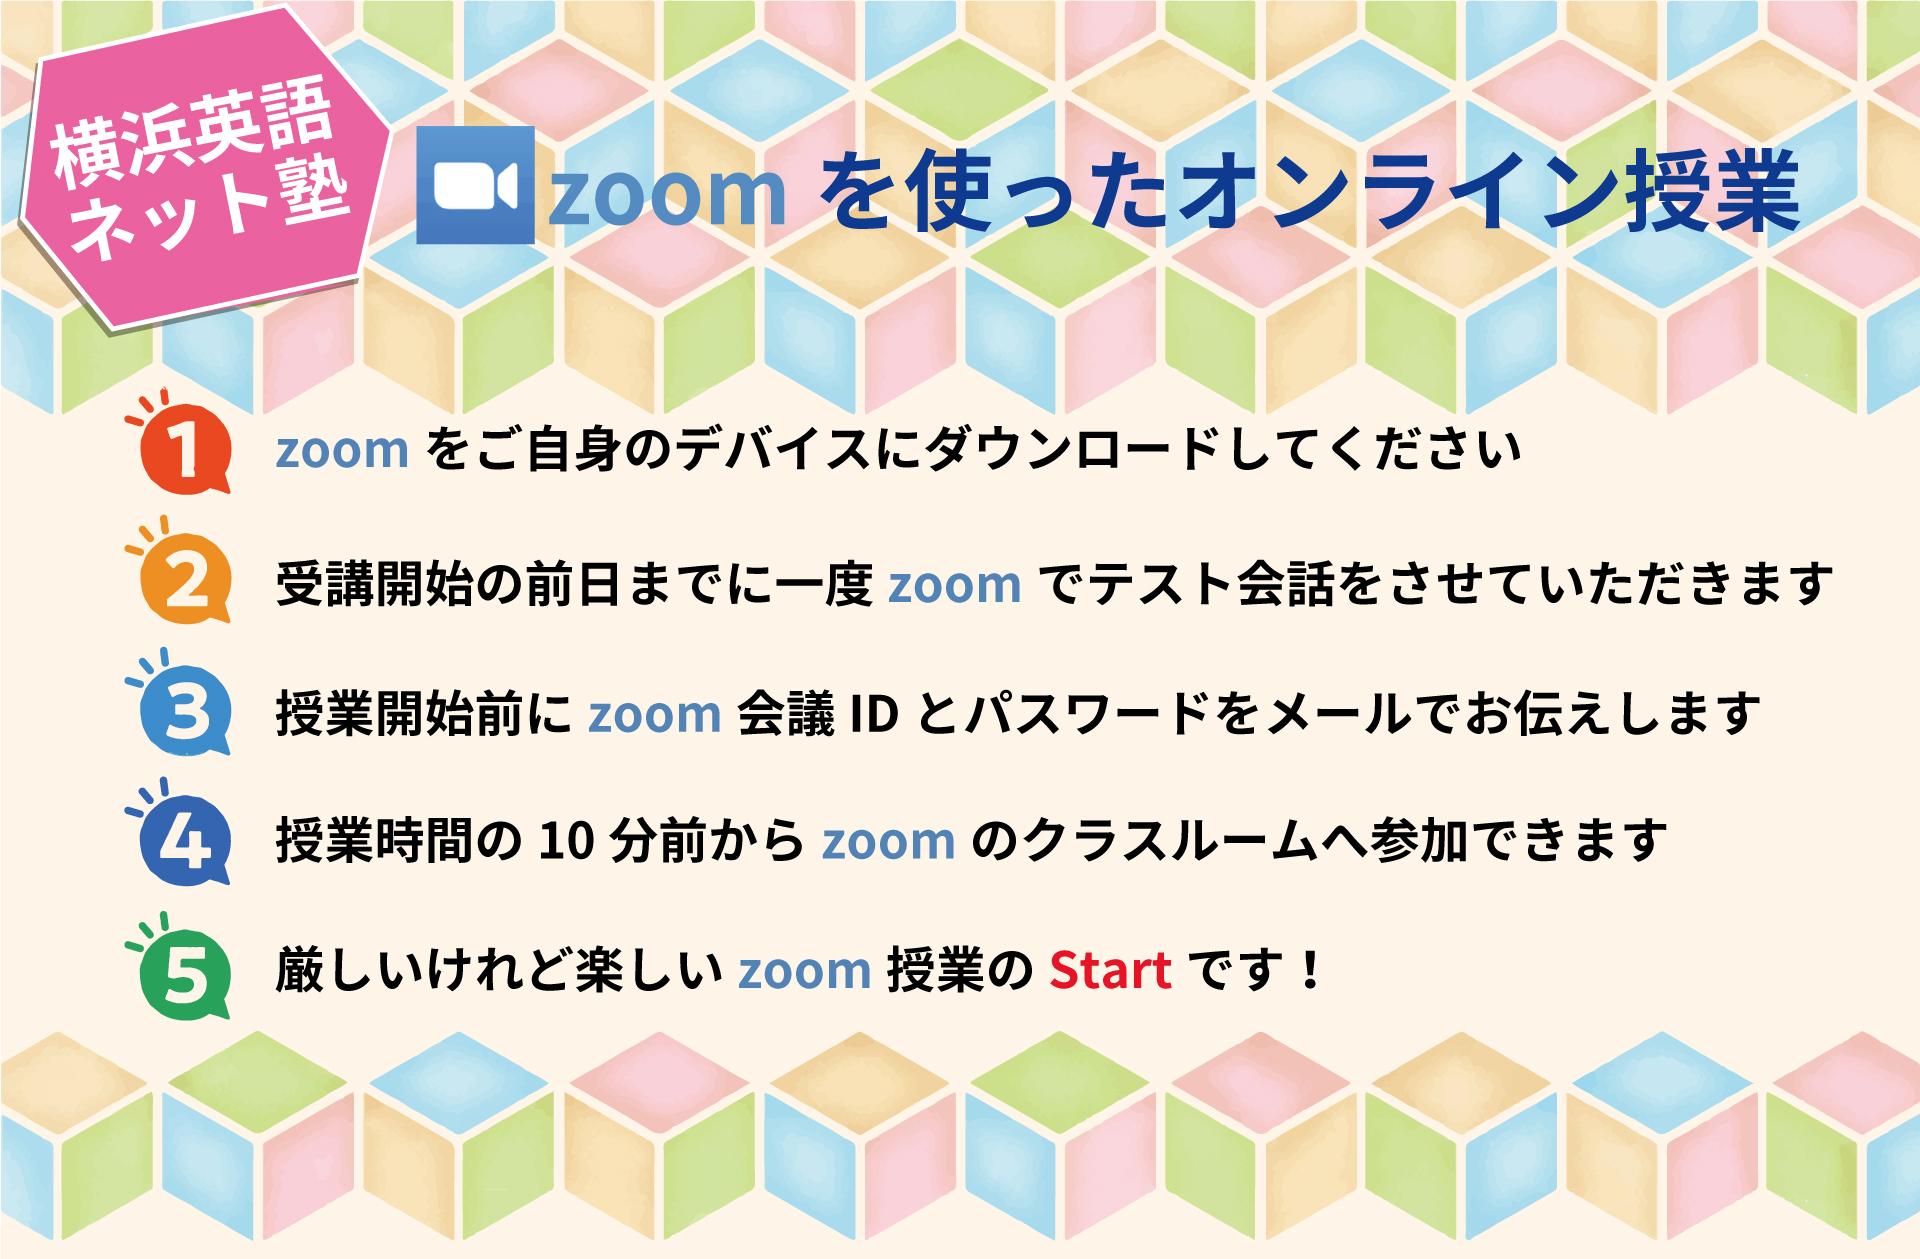 zoomを使用してのオンライン授業ですので通学時間もなく ご自宅からでも他の場所からでも授業に参加できます。